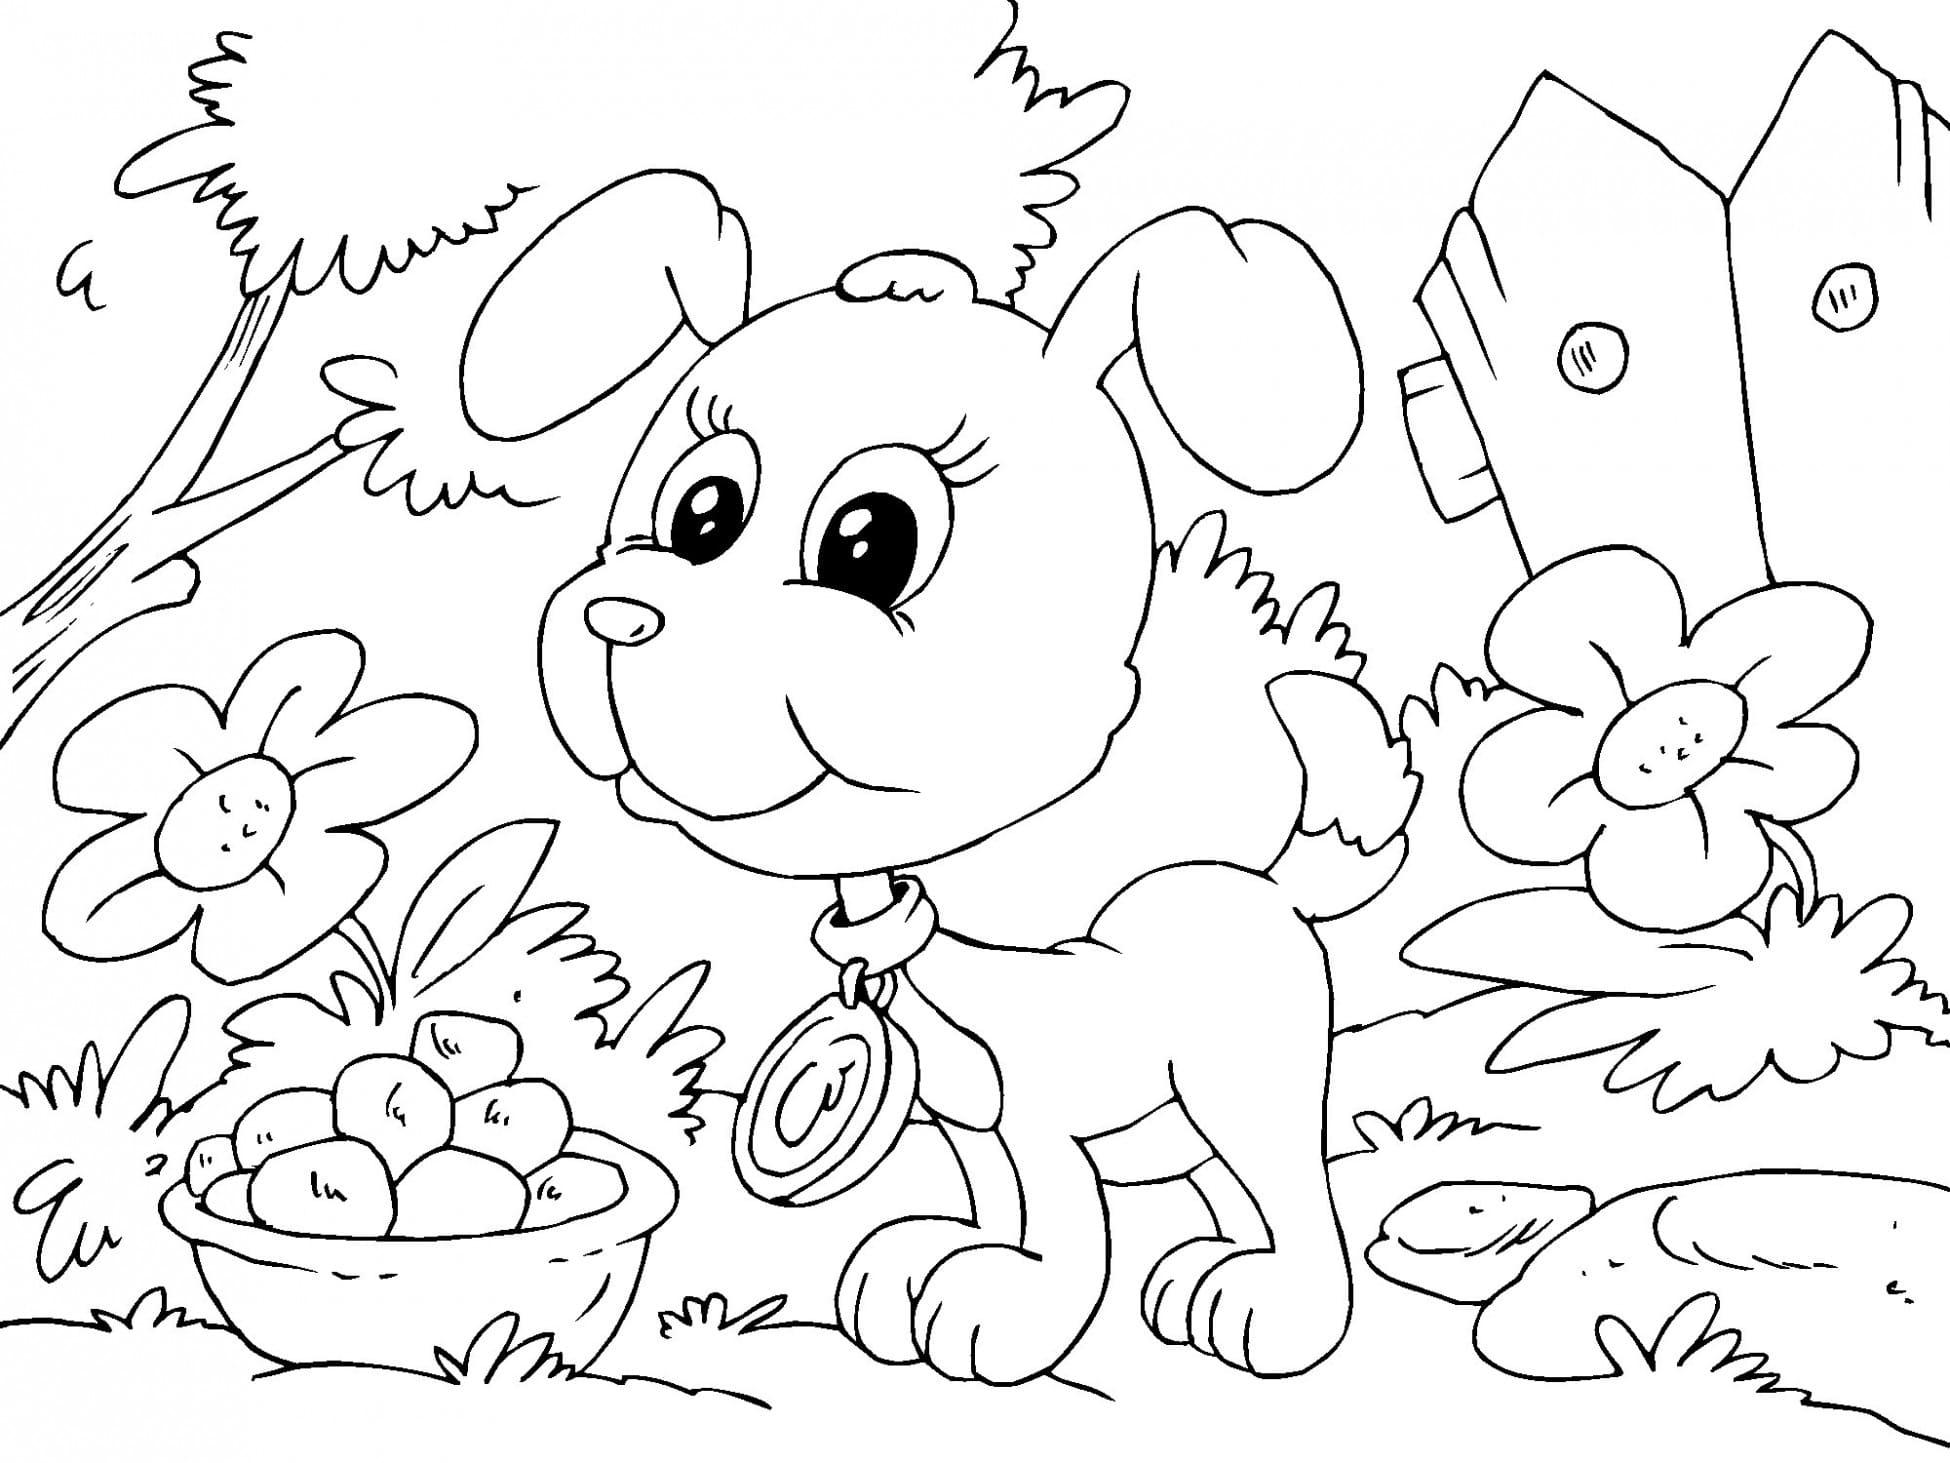 Красивые щенки раскраски для девочек и мальчиков - подборка 12